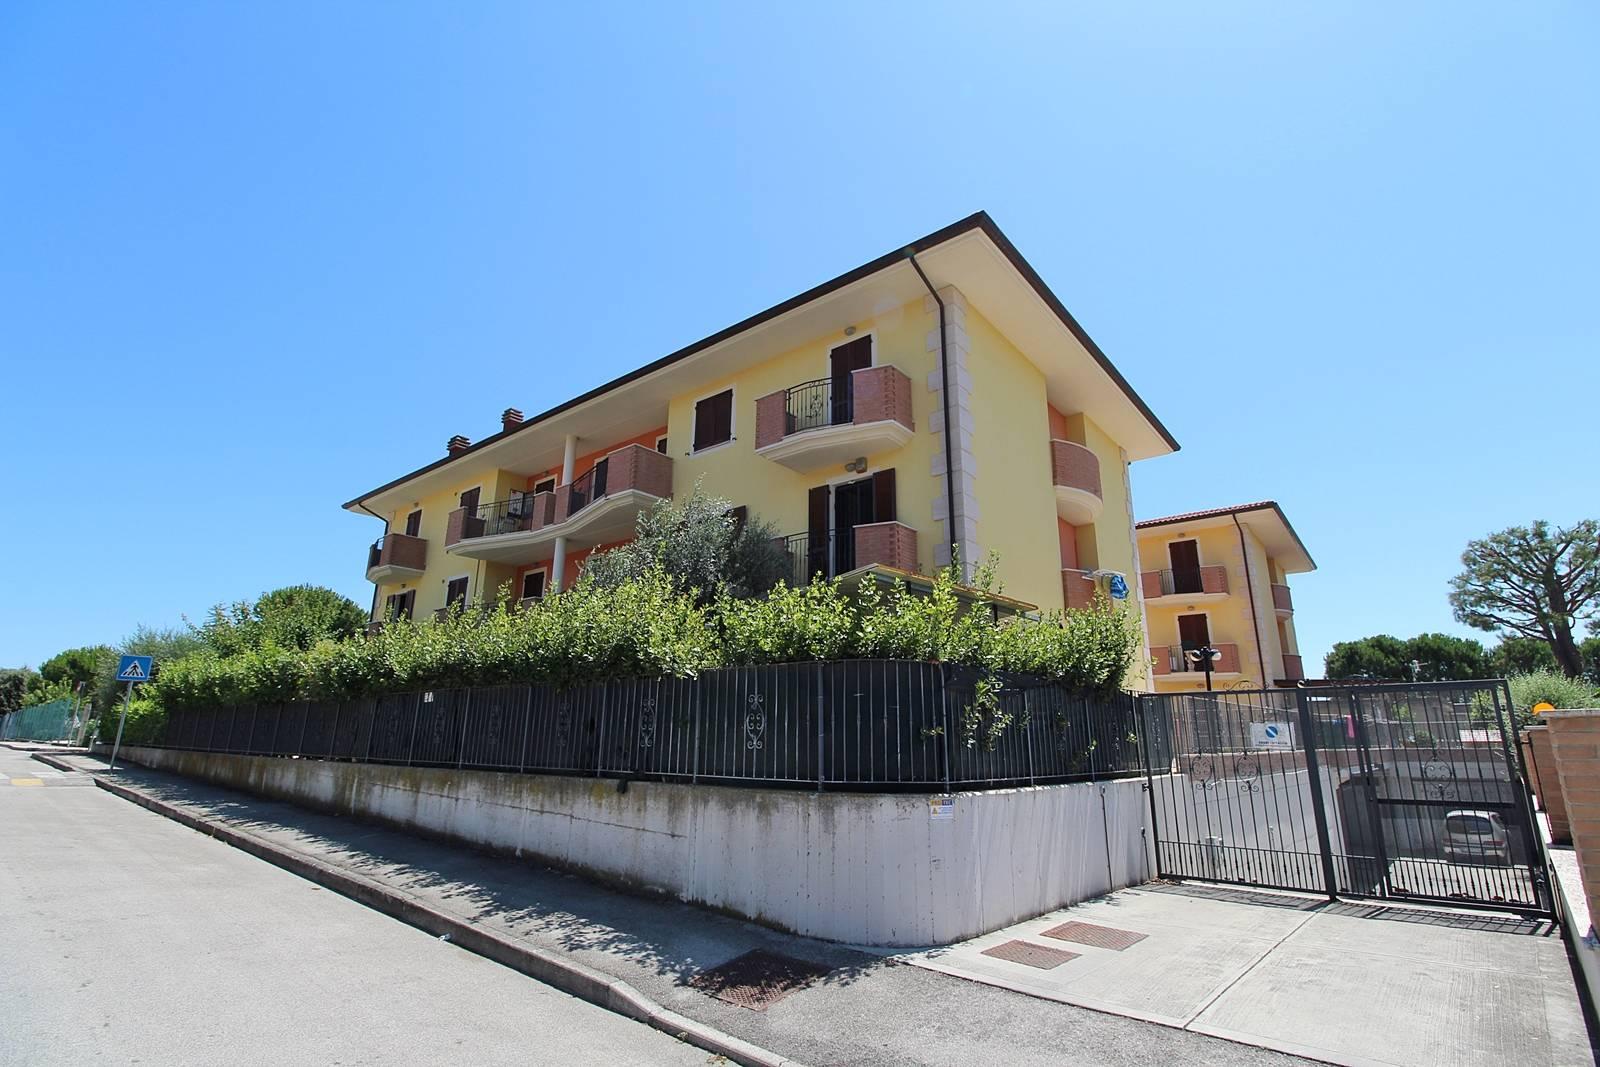 Appartamento in vendita a Monsampolo del Tronto, 4 locali, zona Località: StelladiMonsampolo, prezzo € 169.000 | PortaleAgenzieImmobiliari.it